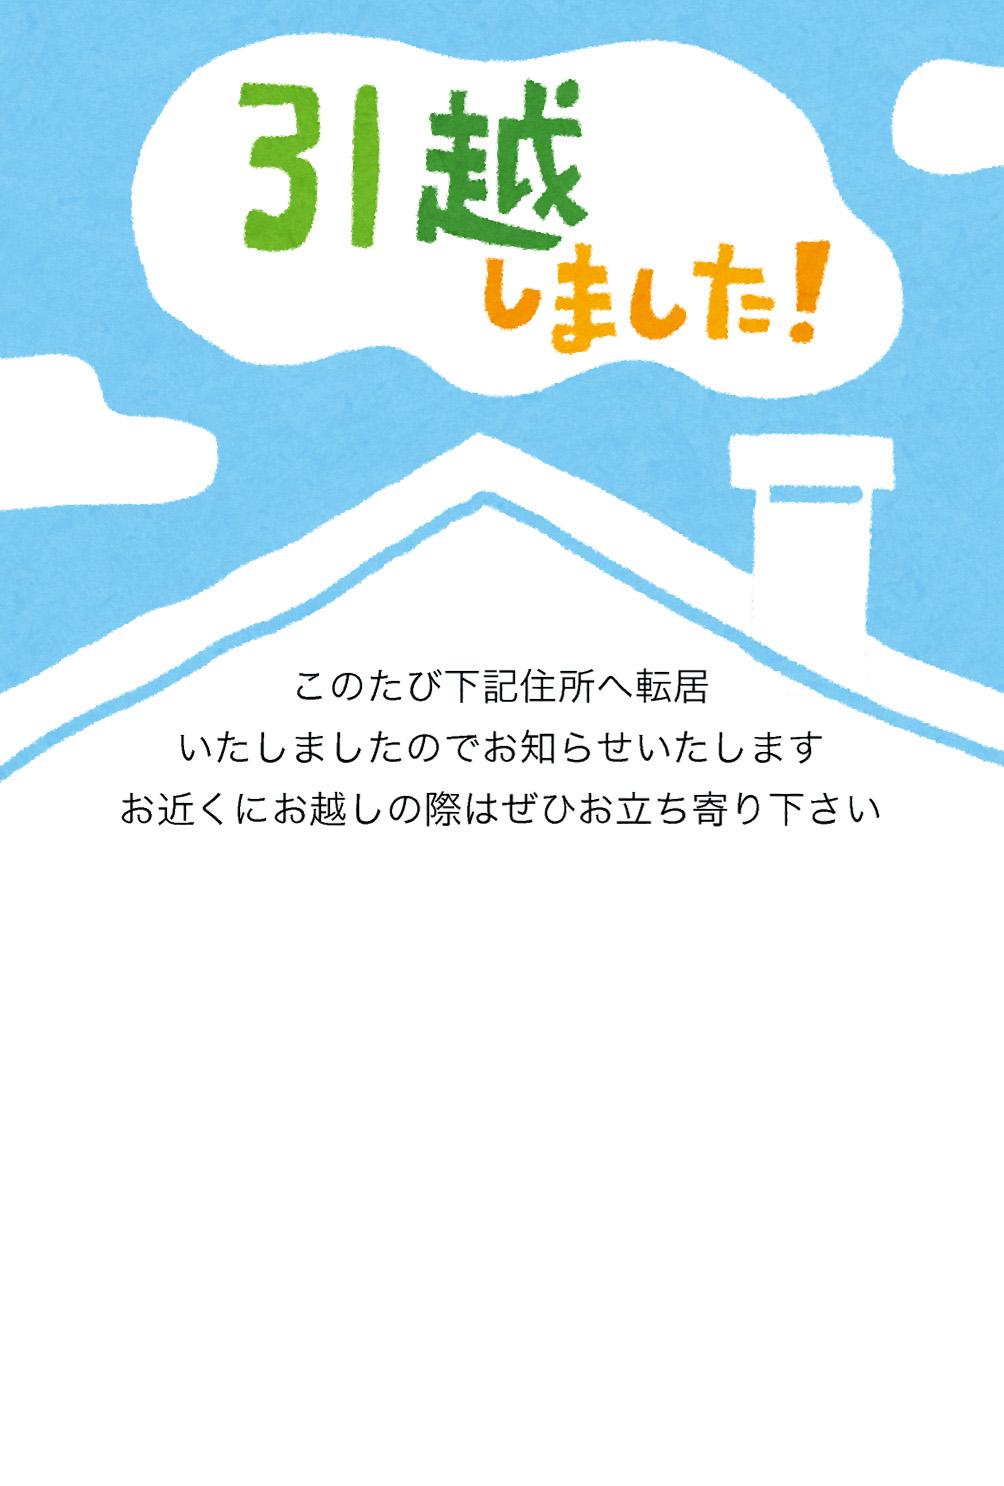 イラスト イラスト 誕生日カード : 引越しのお知らせハガキの ...